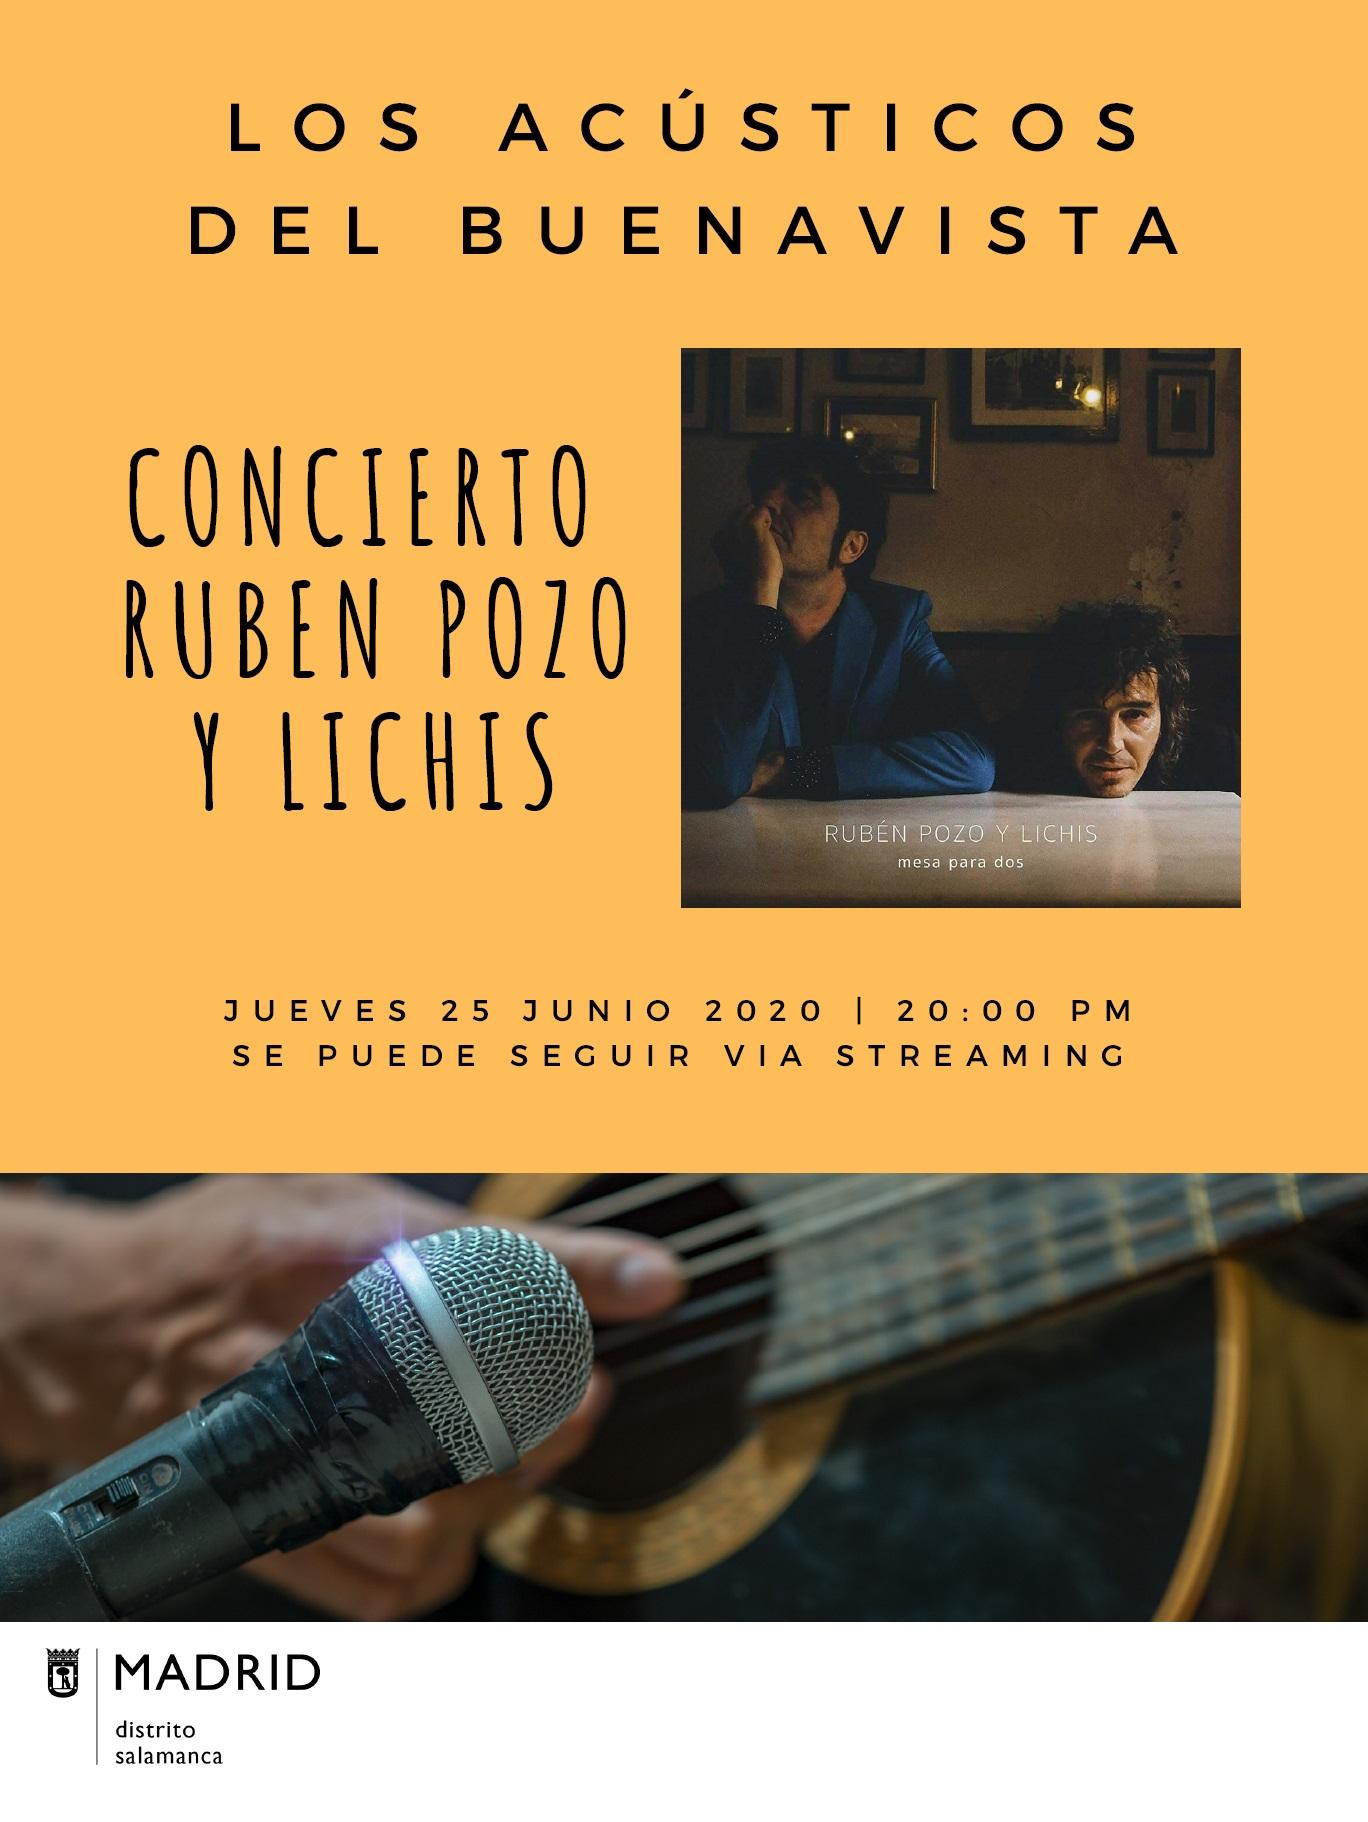 concierto de Rubén Pozo y Lichis